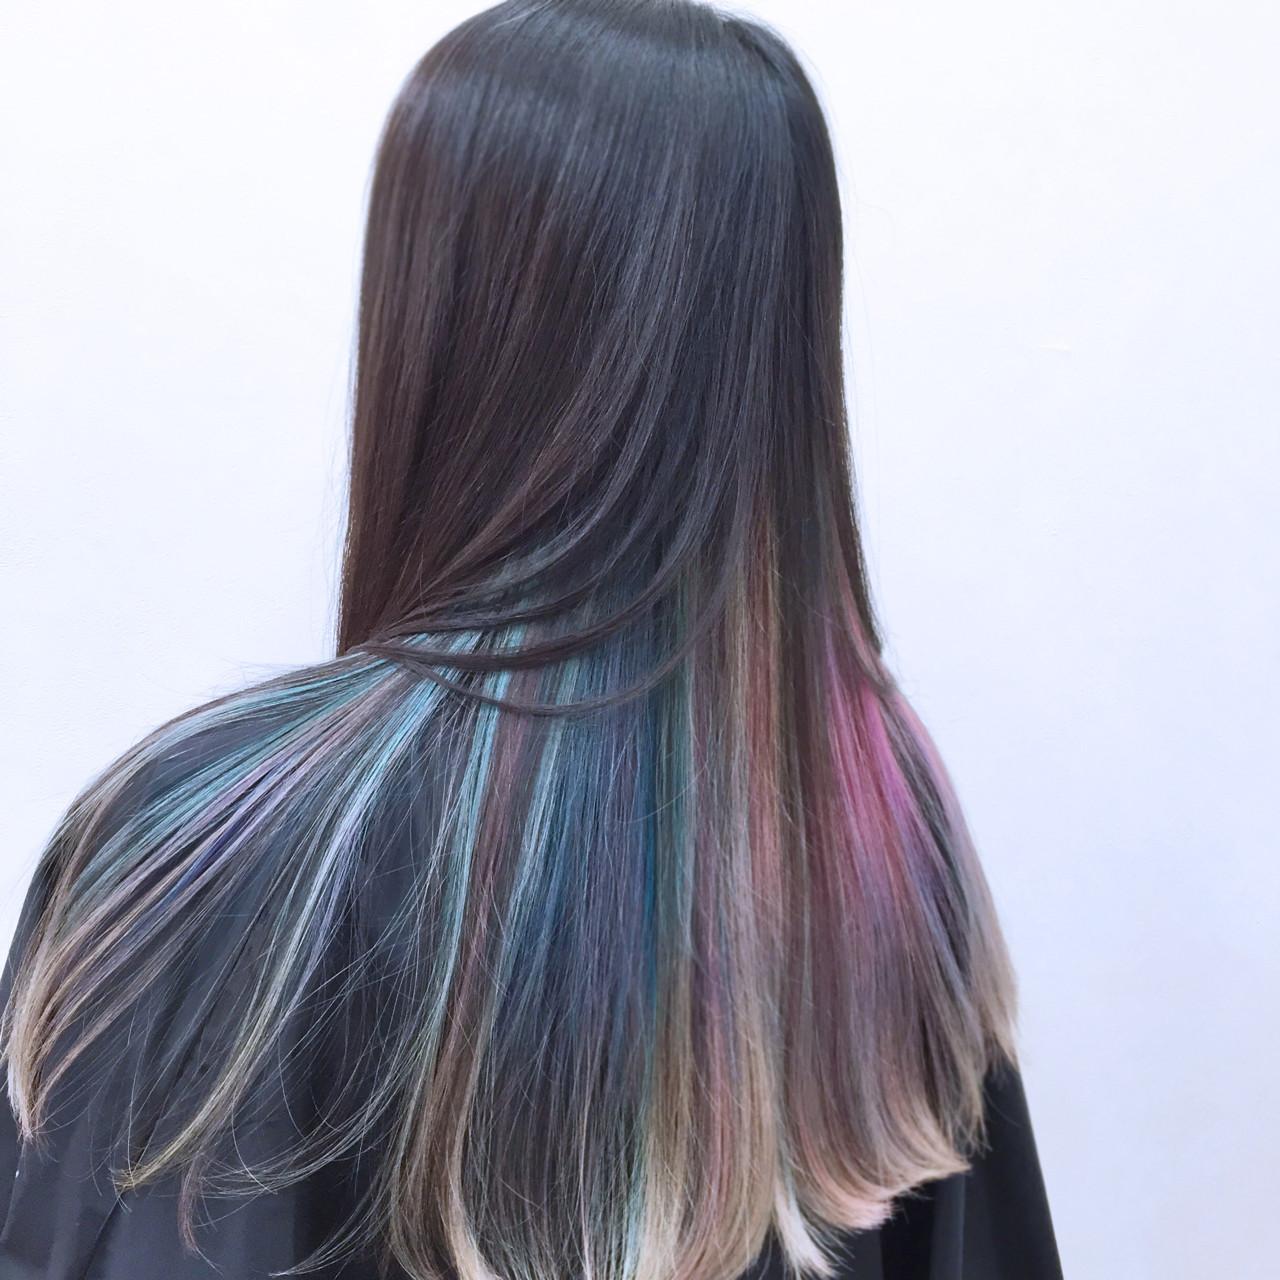 グラデーションカラー ロング インナーカラー カラフルカラー ヘアスタイルや髪型の写真・画像